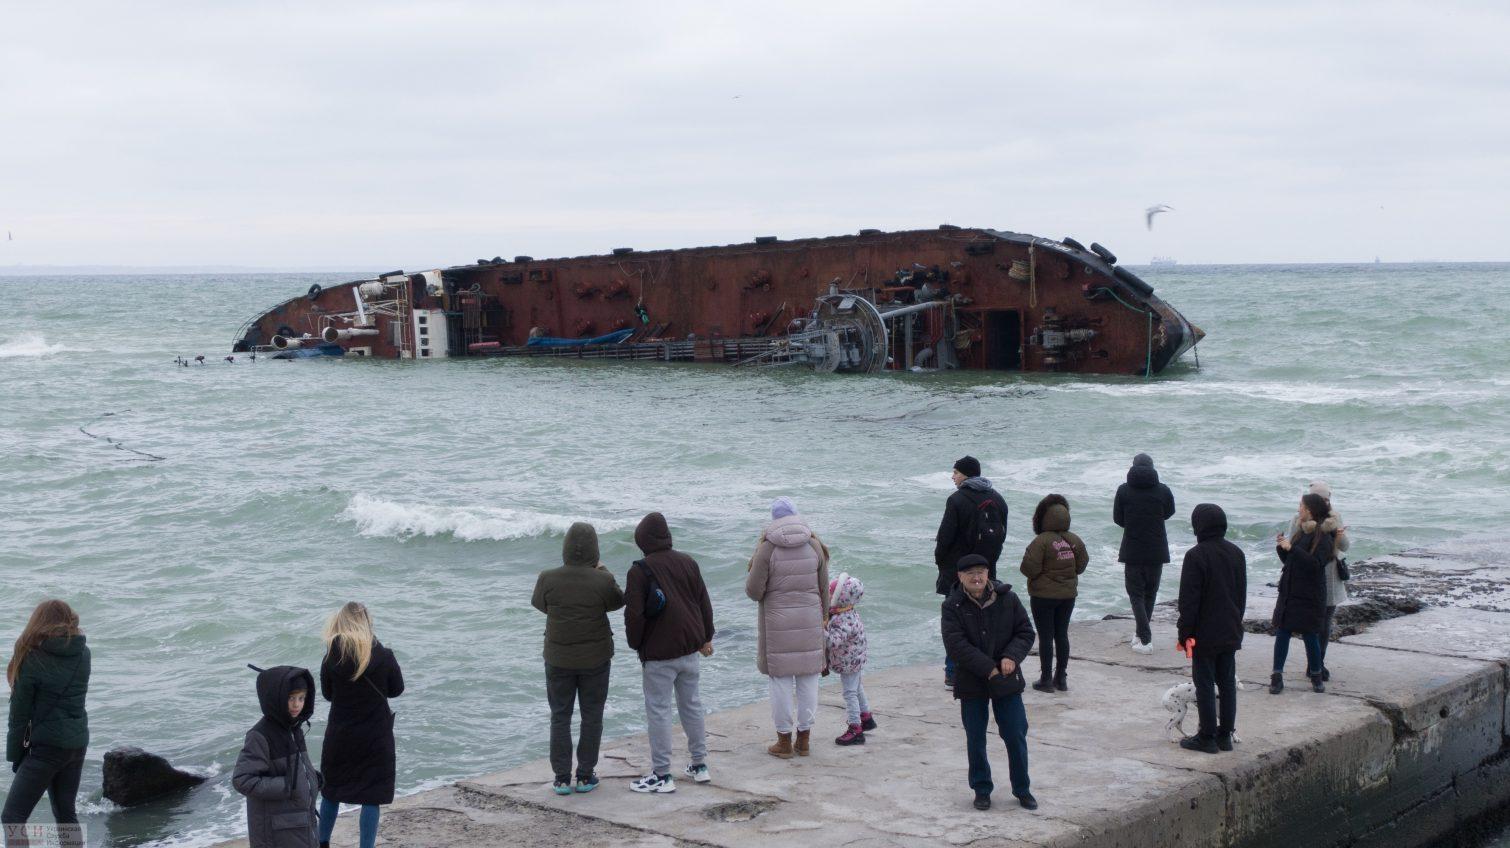 В АМПУ рассказали, как будут убирать танкер «Delfi» из Одесского залива, если хозяин судна не объявится (фото, видео) «фото»